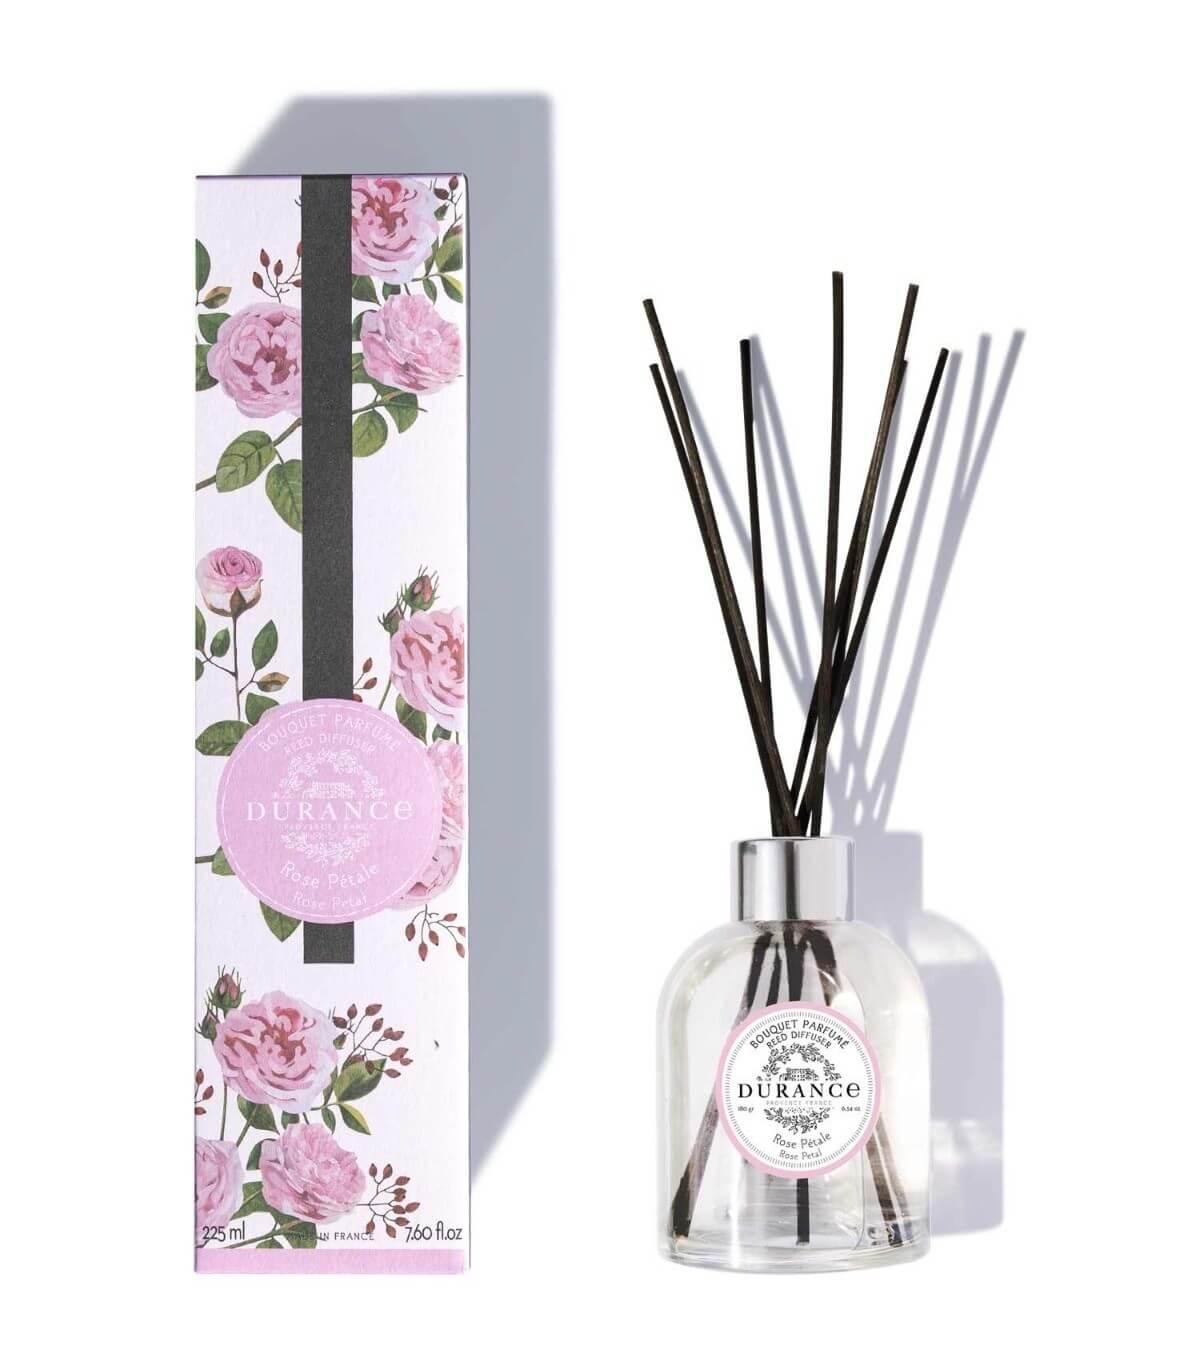 Diffuseur de parfum rose pétale